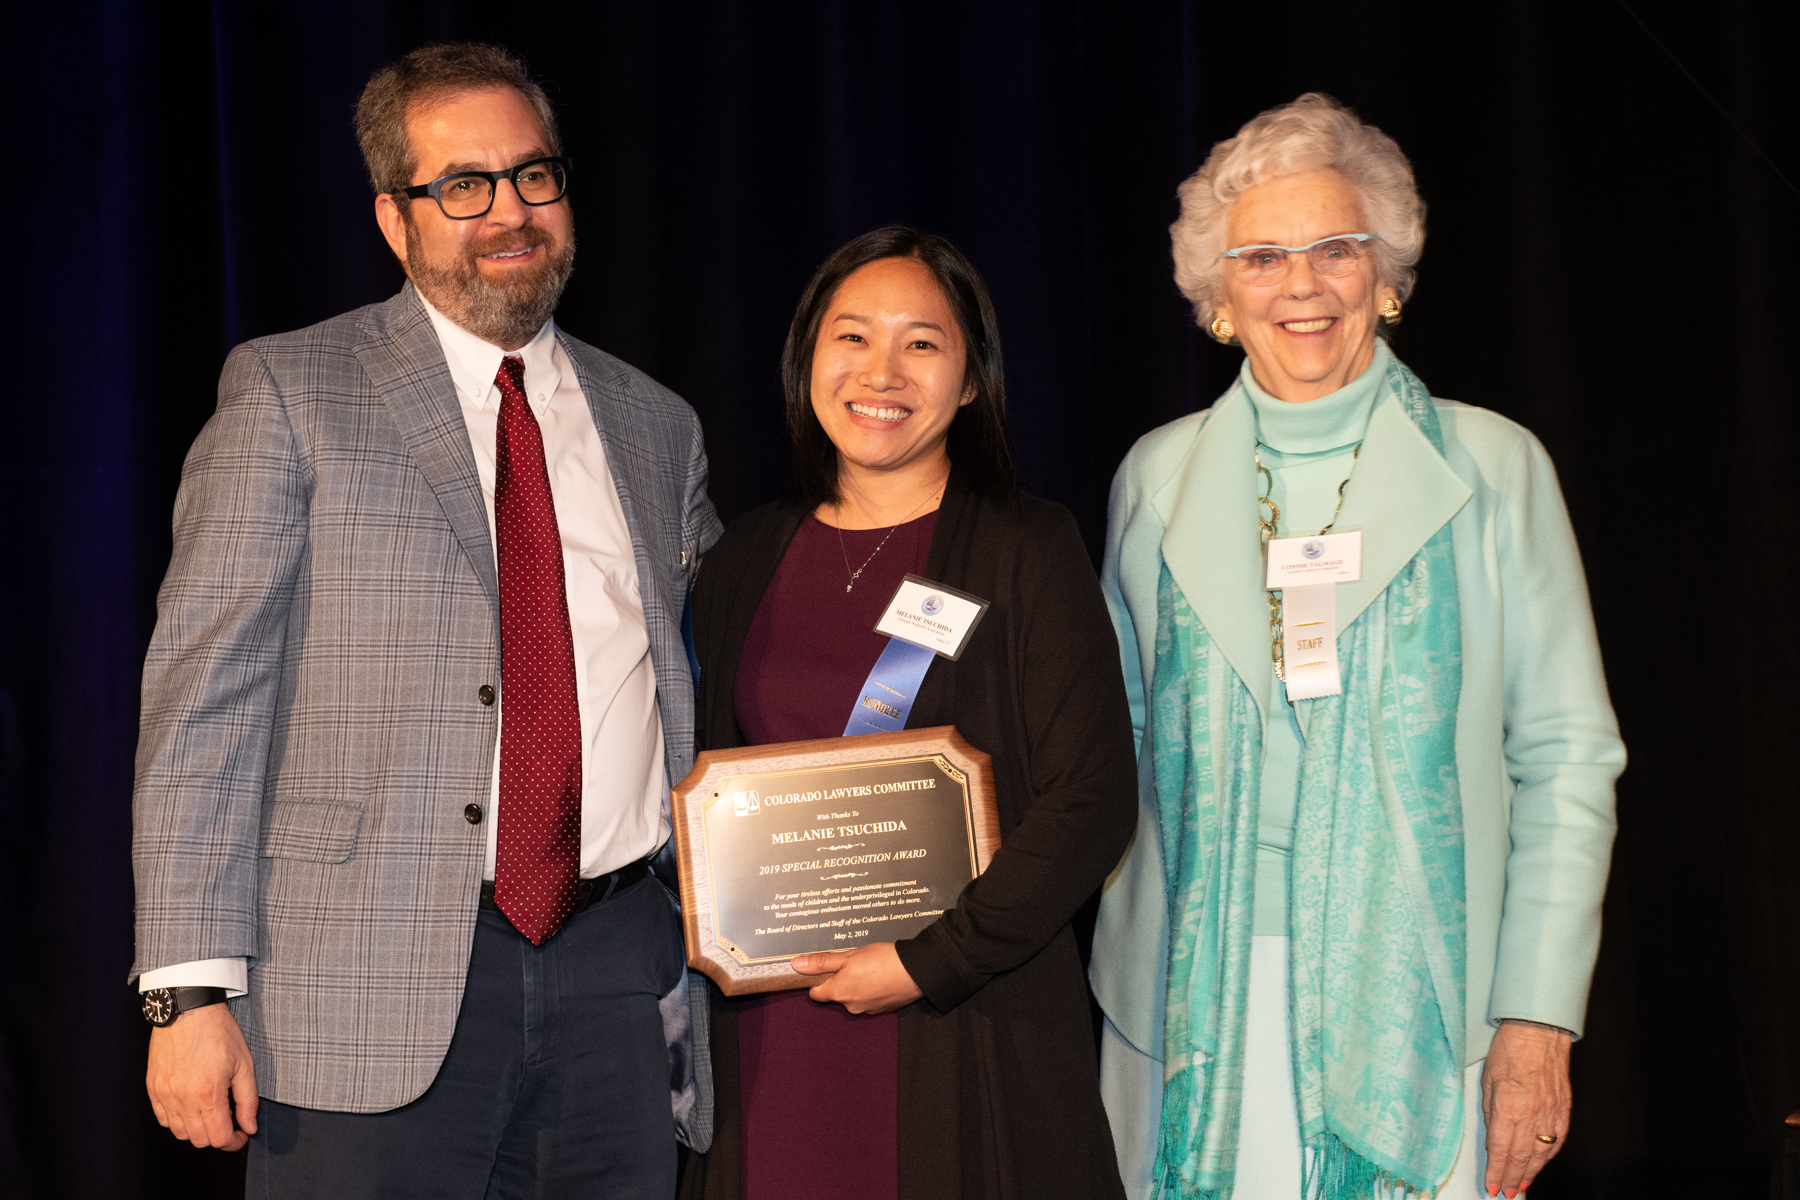 _DSC7433 Peter Schwartz, Melanie Tsuchida & Connie Talmage (courtesy of Hartmannphoto).jpg